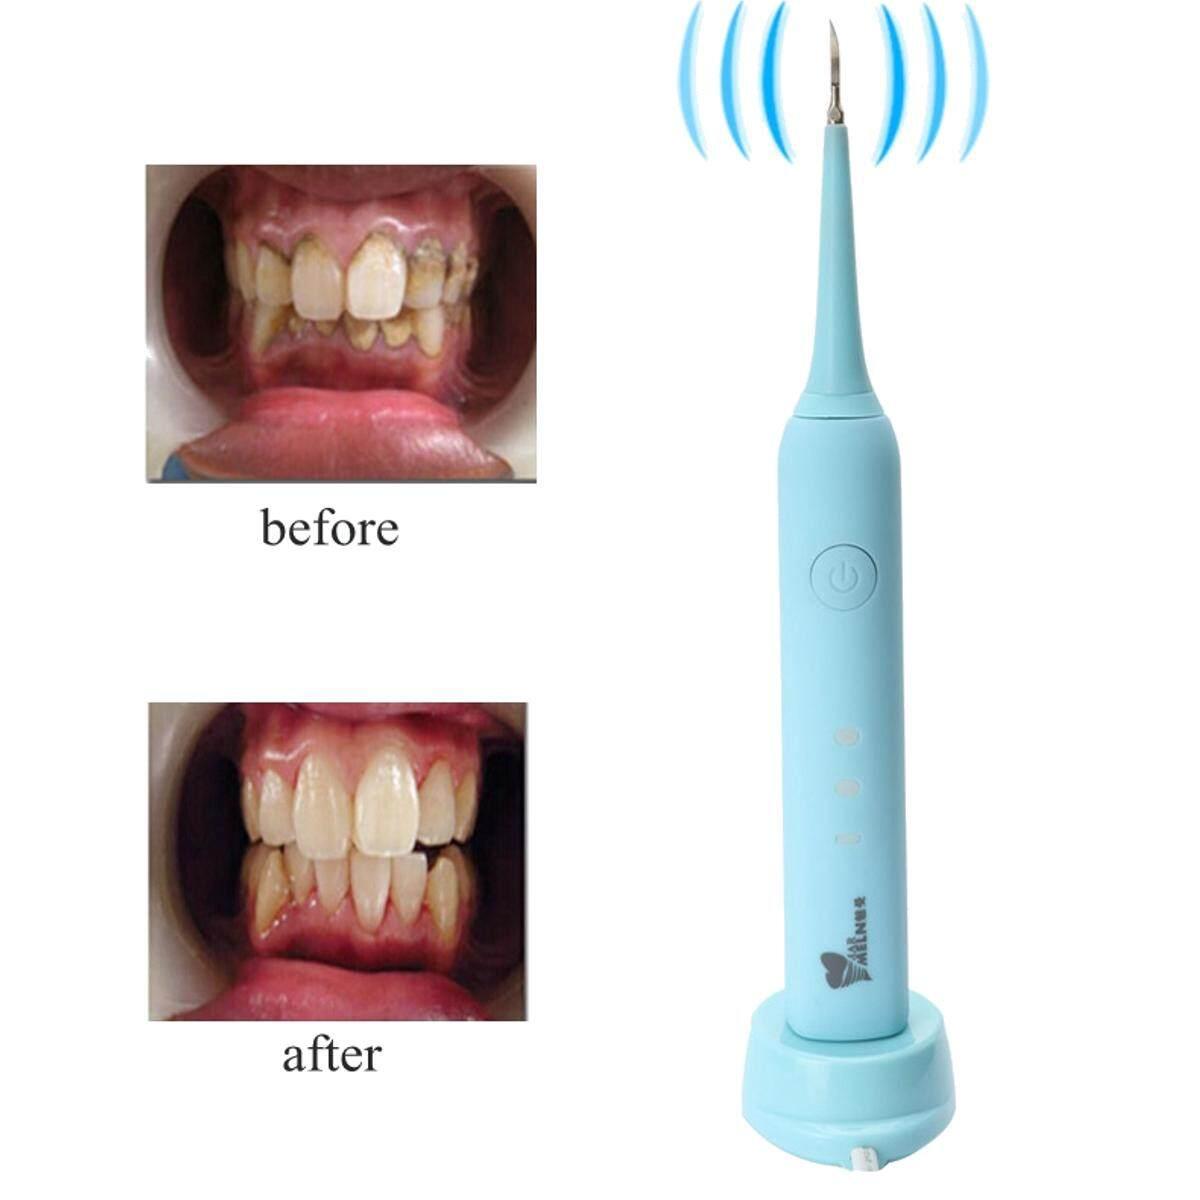 แปรงสีฟันไฟฟ้า ทำความสะอาดทุกซี่ฟันอย่างหมดจด สมุทรสงคราม 【การจัดส่ง   Super DEAL   จำกัด Offer】Meiman M3 ฟันแคลคูลัส removal อุปกรณ์ฟันฟันเครื่องมือสำหรับคราบสกปรกครัวเรือน EU สีฟ้า สีชมพู